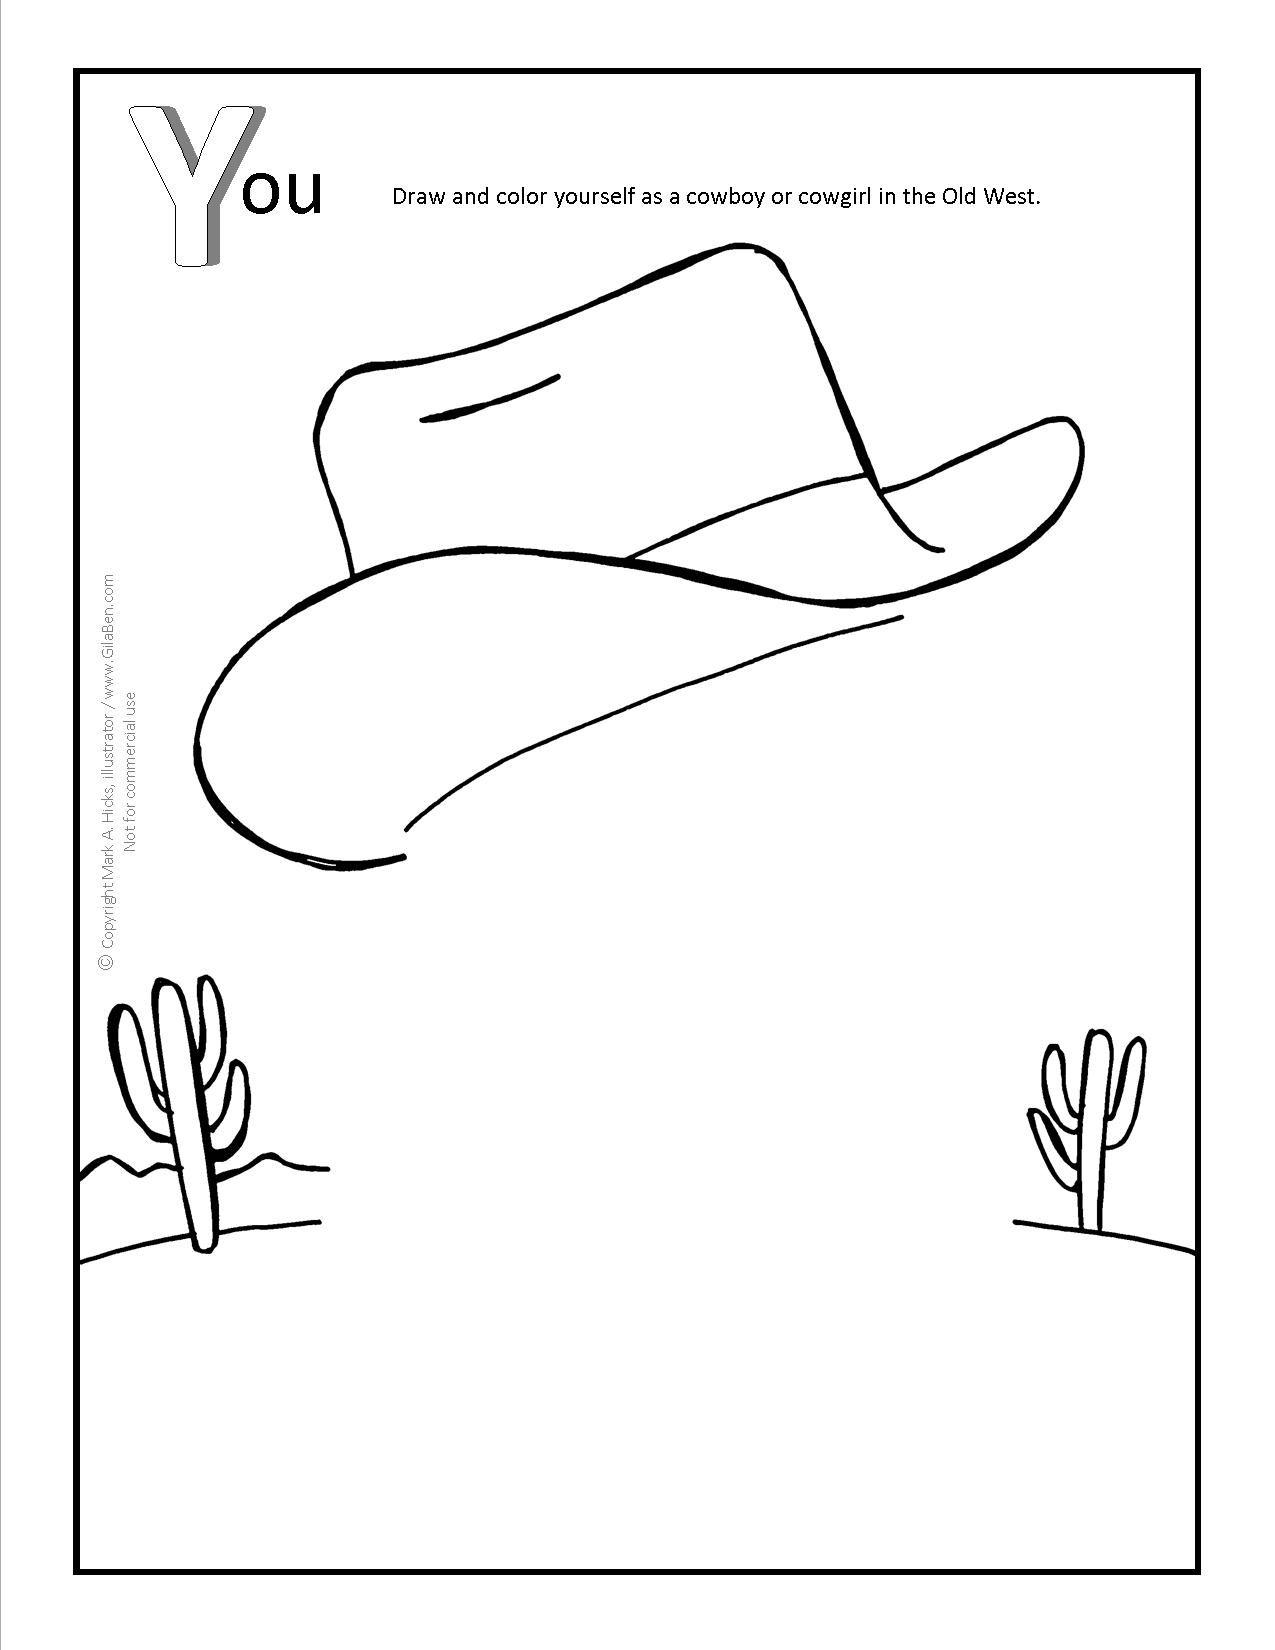 Arizona you coloring page at gilaben com